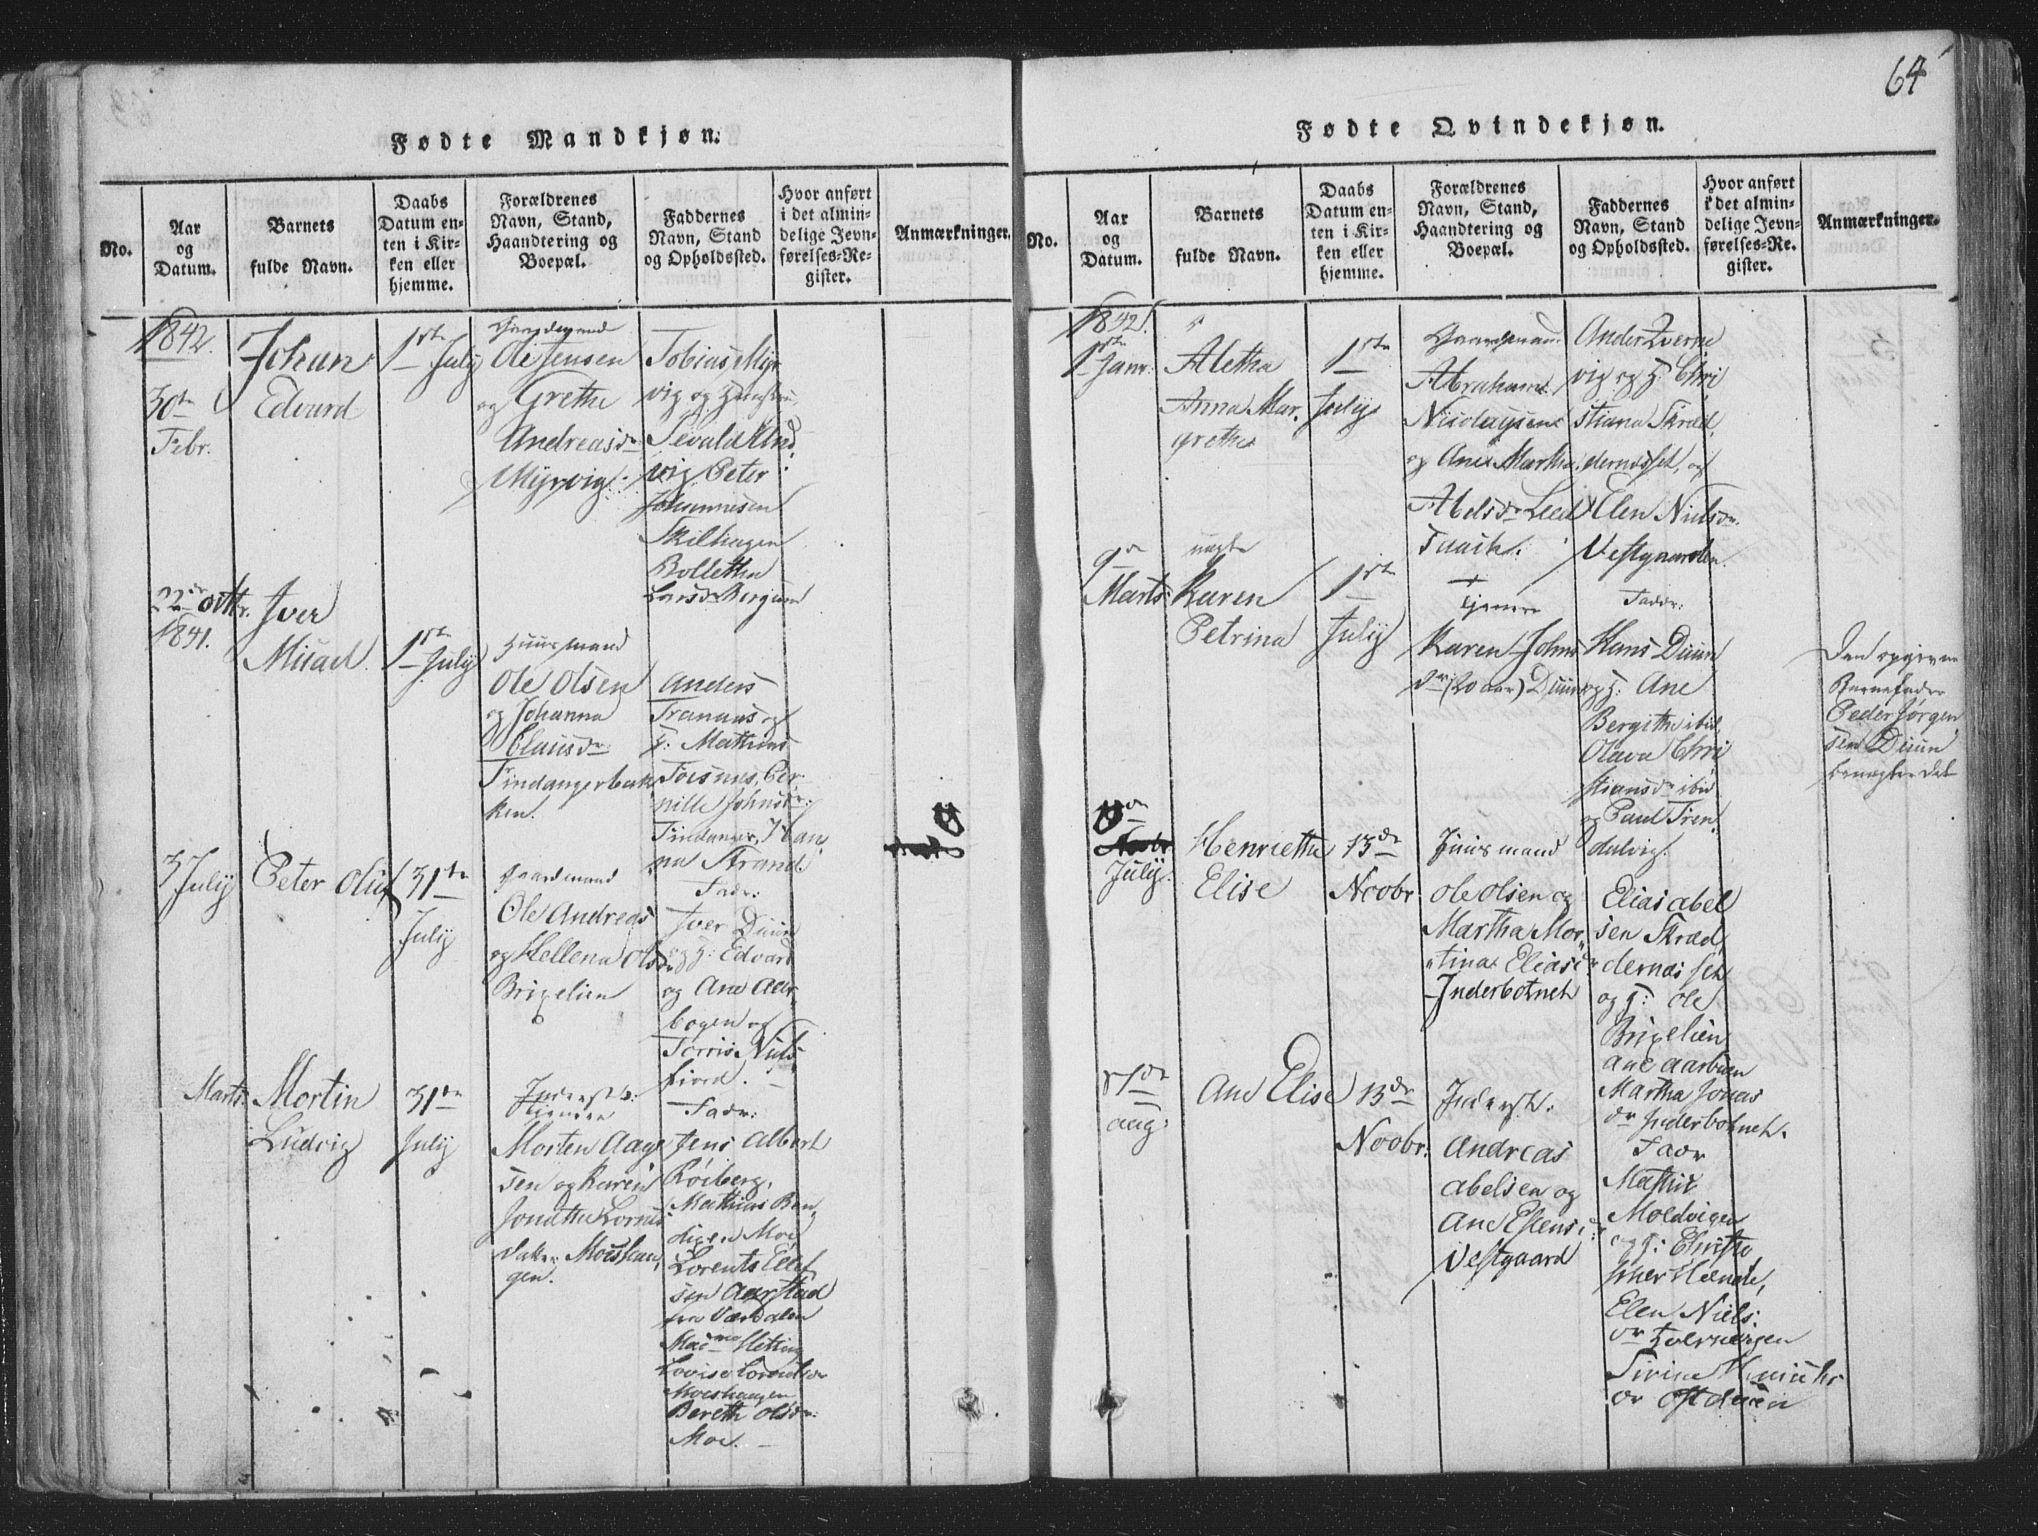 SAT, Ministerialprotokoller, klokkerbøker og fødselsregistre - Nord-Trøndelag, 773/L0613: Ministerialbok nr. 773A04, 1815-1845, s. 64